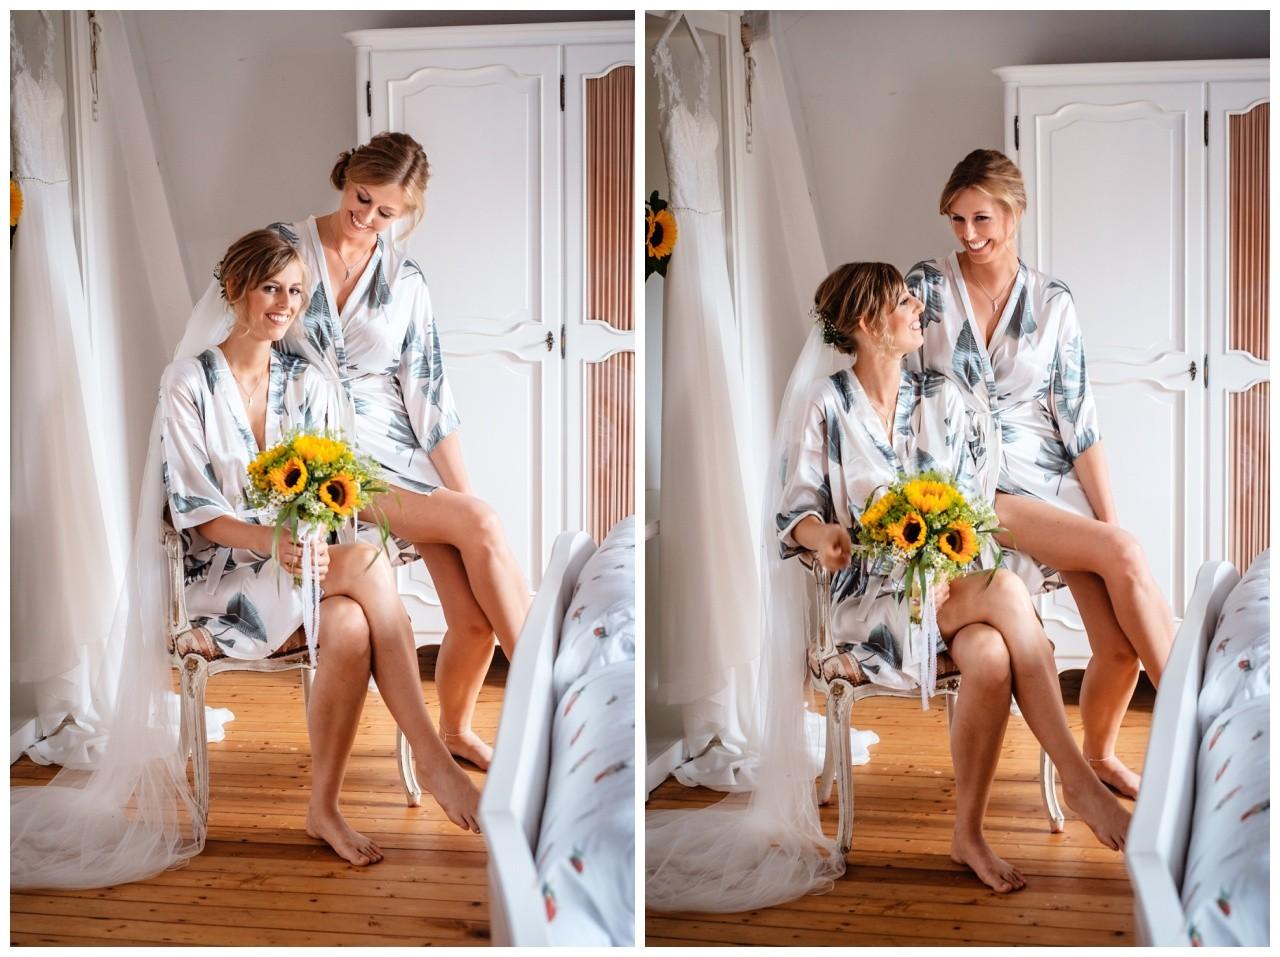 Hochzeit Schloss Burg solingen heiraten hochzietsfotograf 8 - Hochzeit auf Schloss Burg